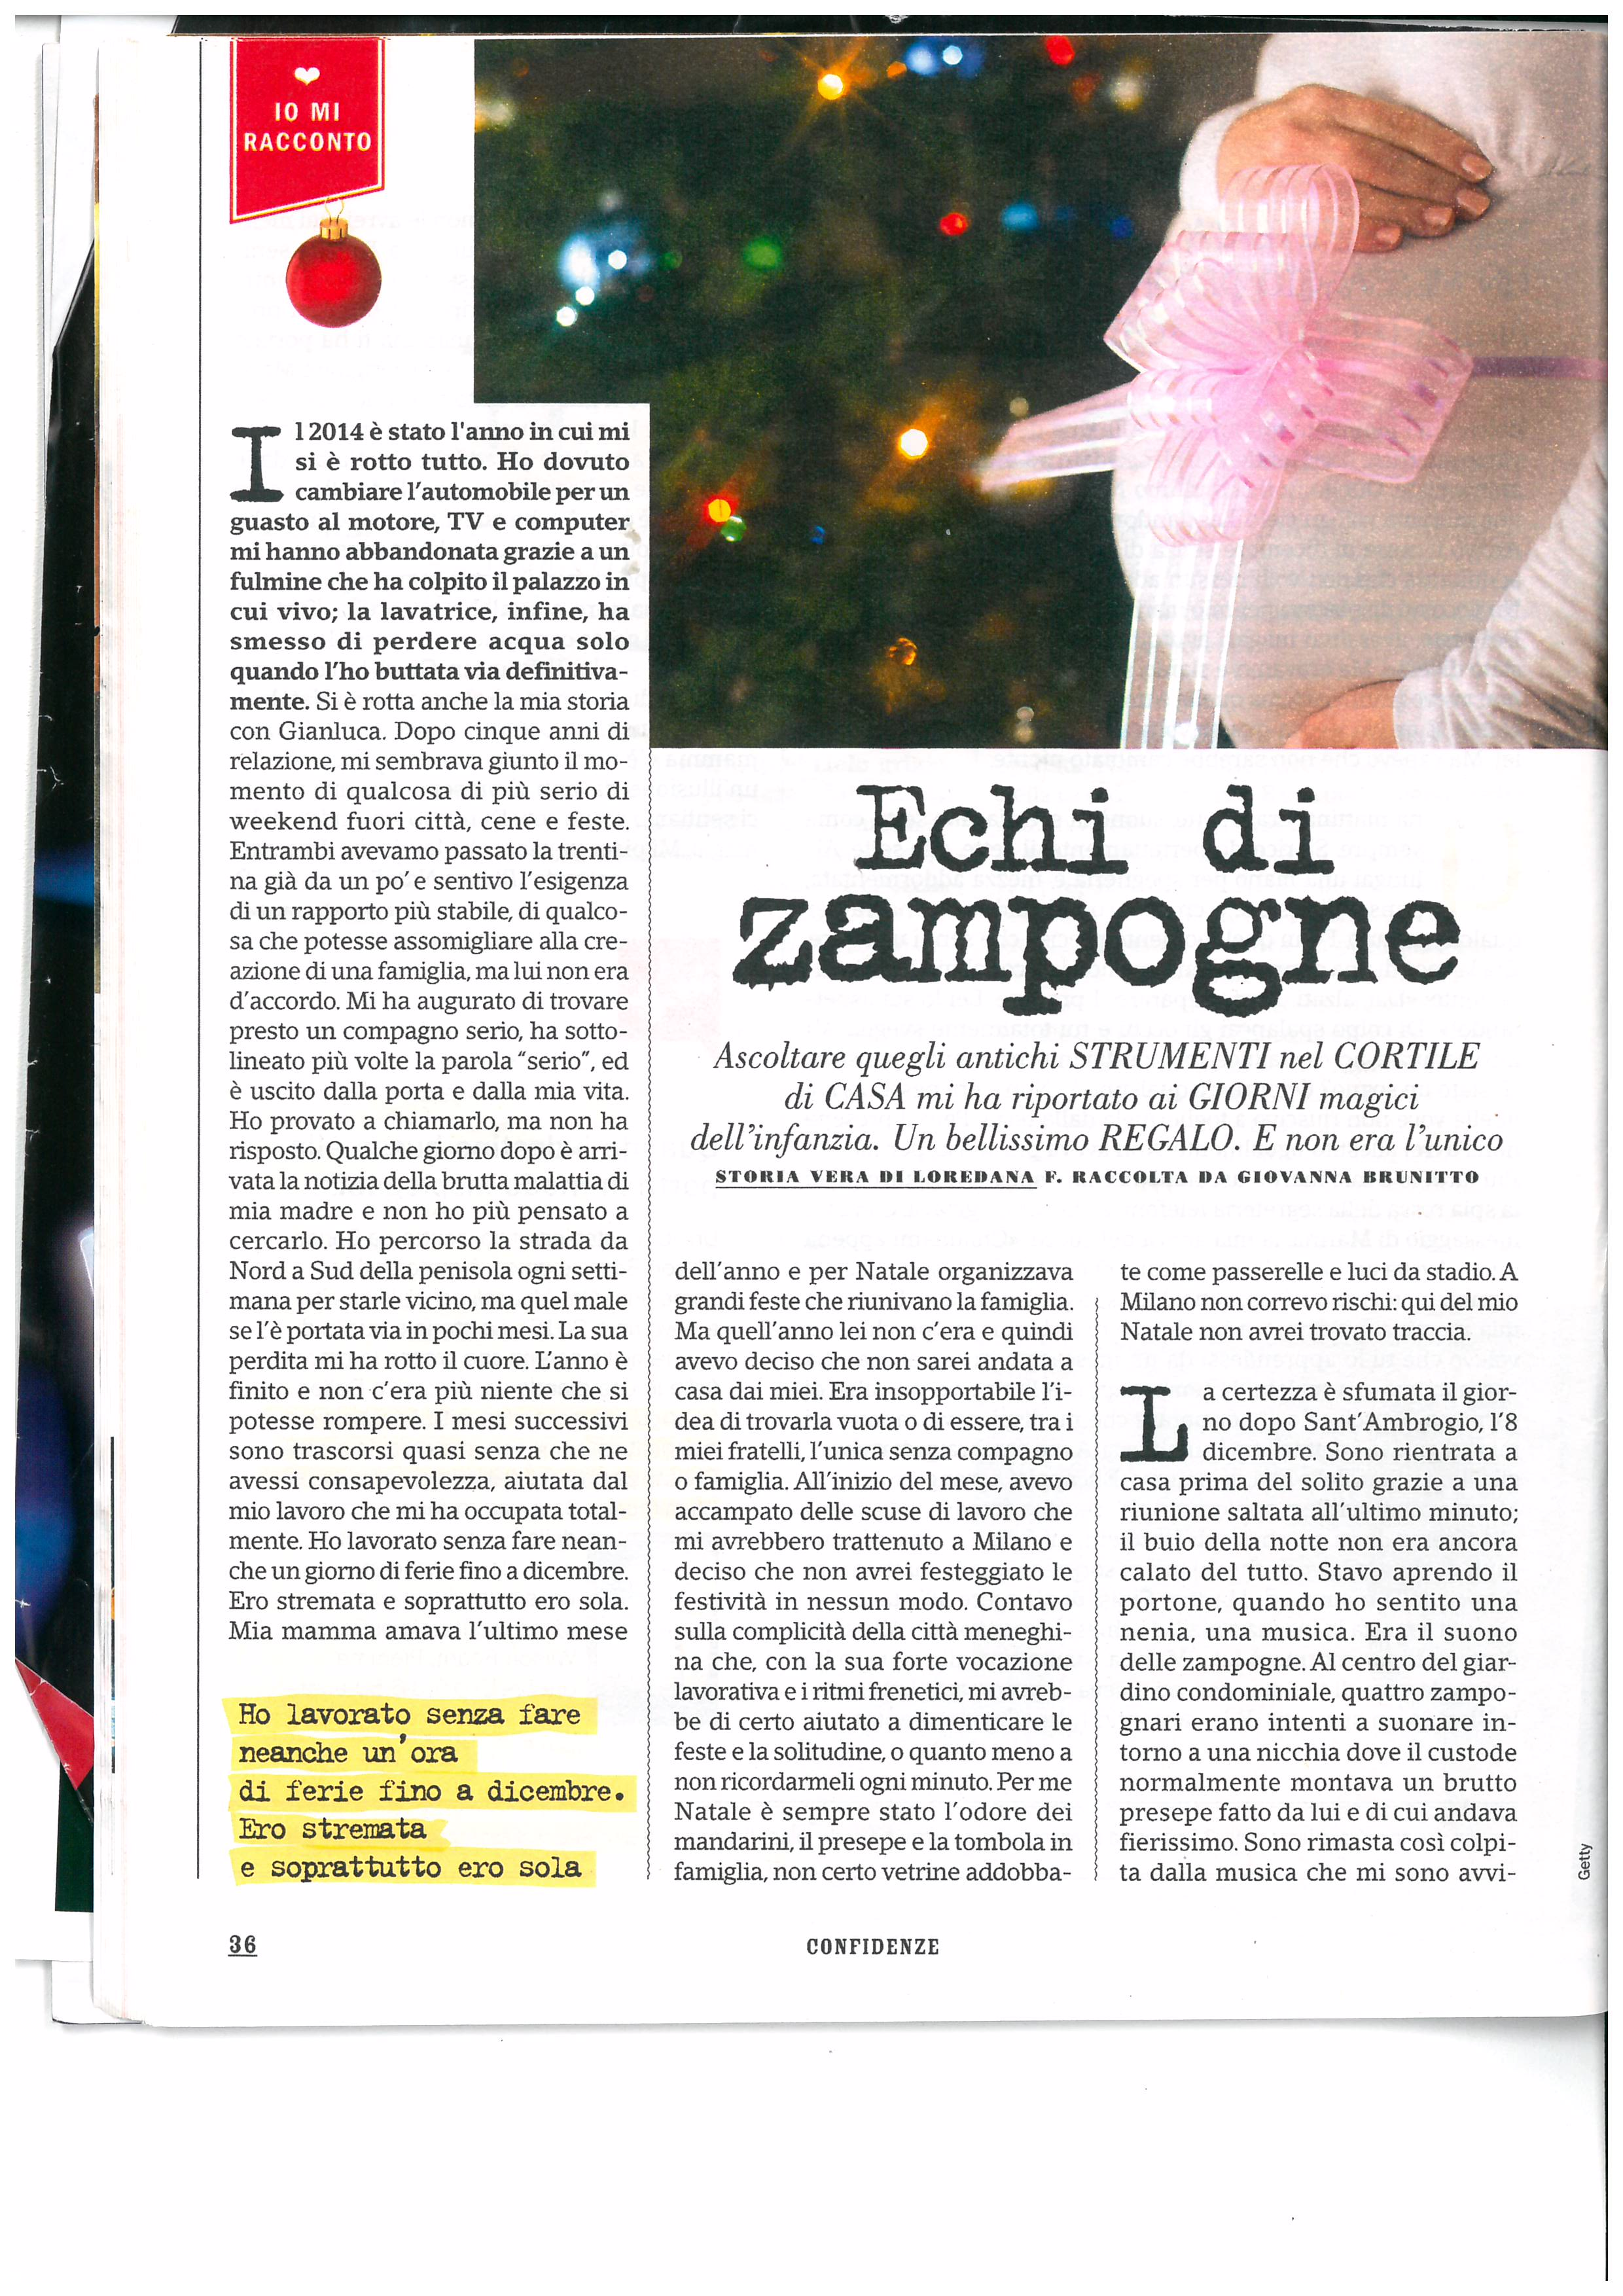 Echi di zamponge -Natale -21 Dicembre 2016_Pagina_1